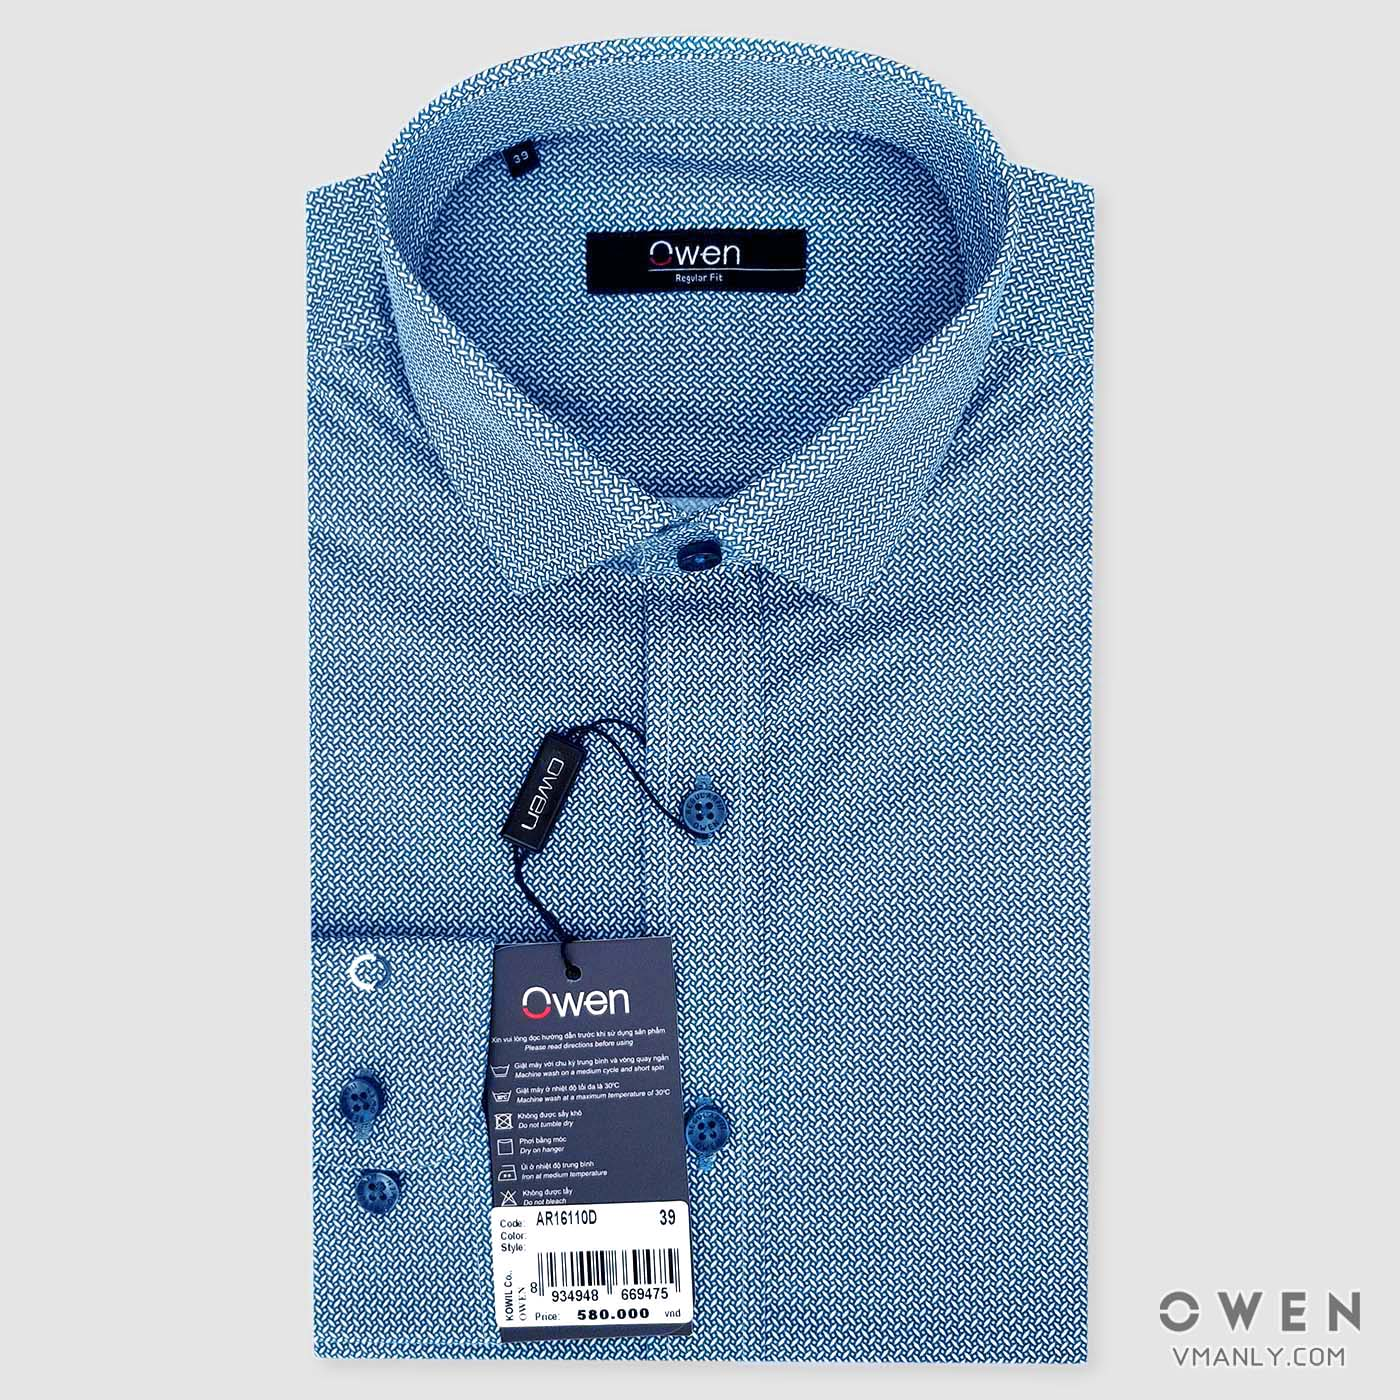 Áo sơ mi nam dài tay Owen màu xanh hoa văn AR16110D